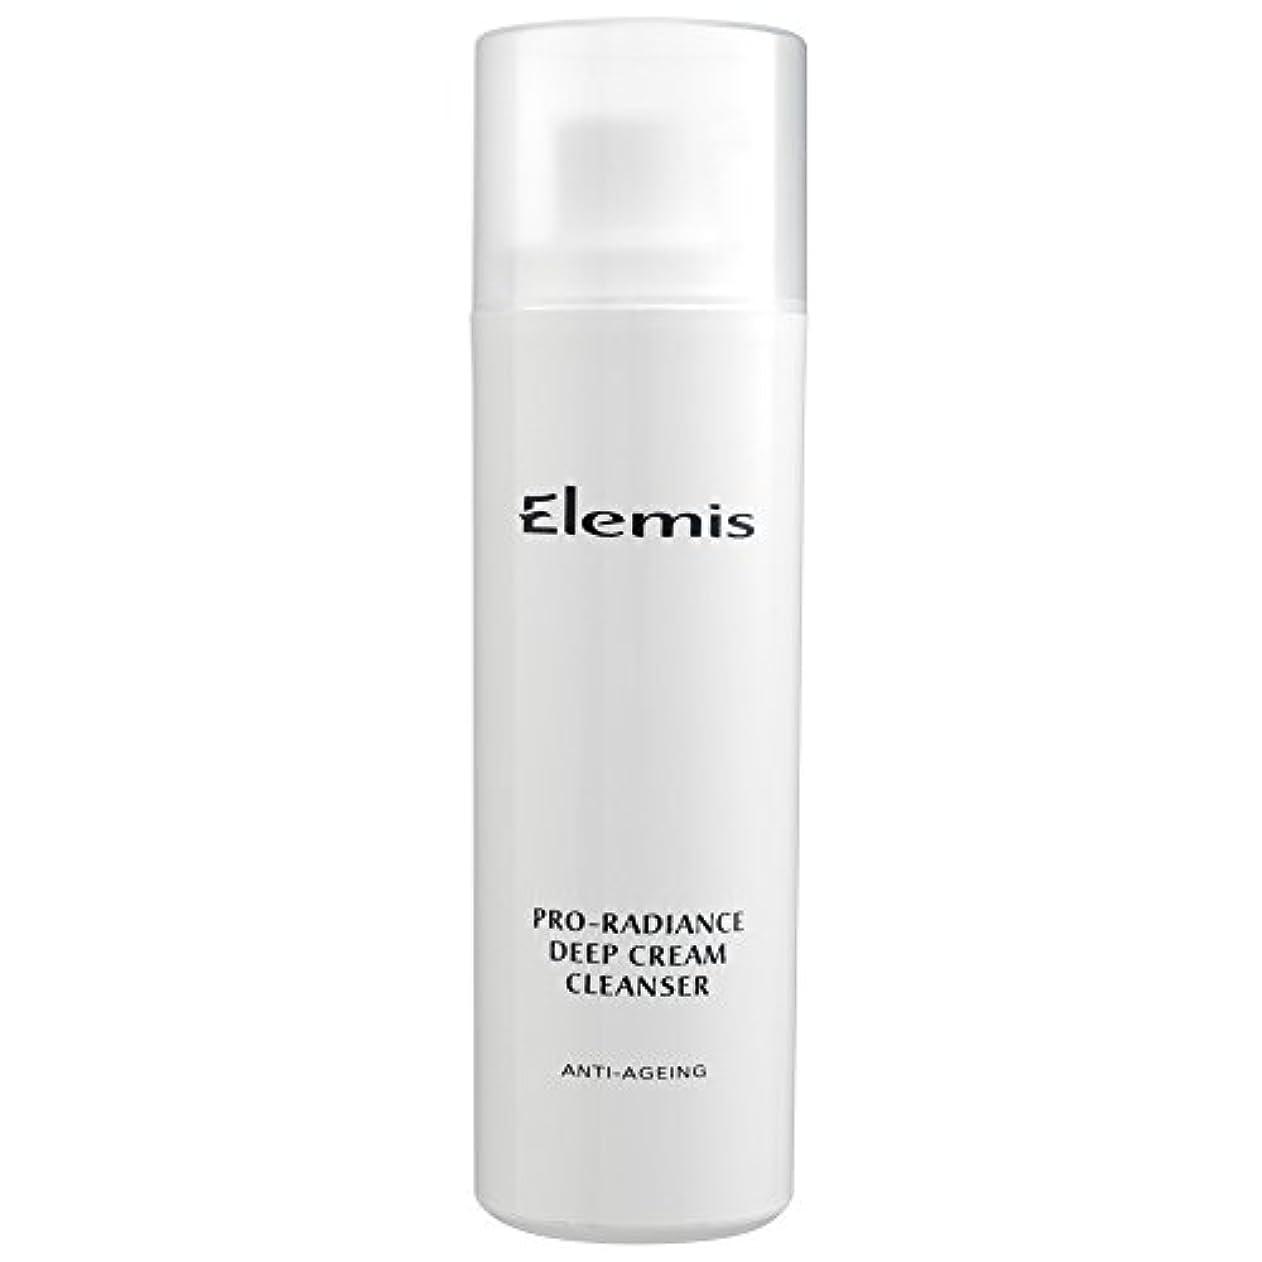 弁護好奇心スケジュールエレミスプロ輝きクリームクレンザー、150ミリリットル (Elemis) - Elemis Pro-Radiance Cream Cleanser, 150ml [並行輸入品]